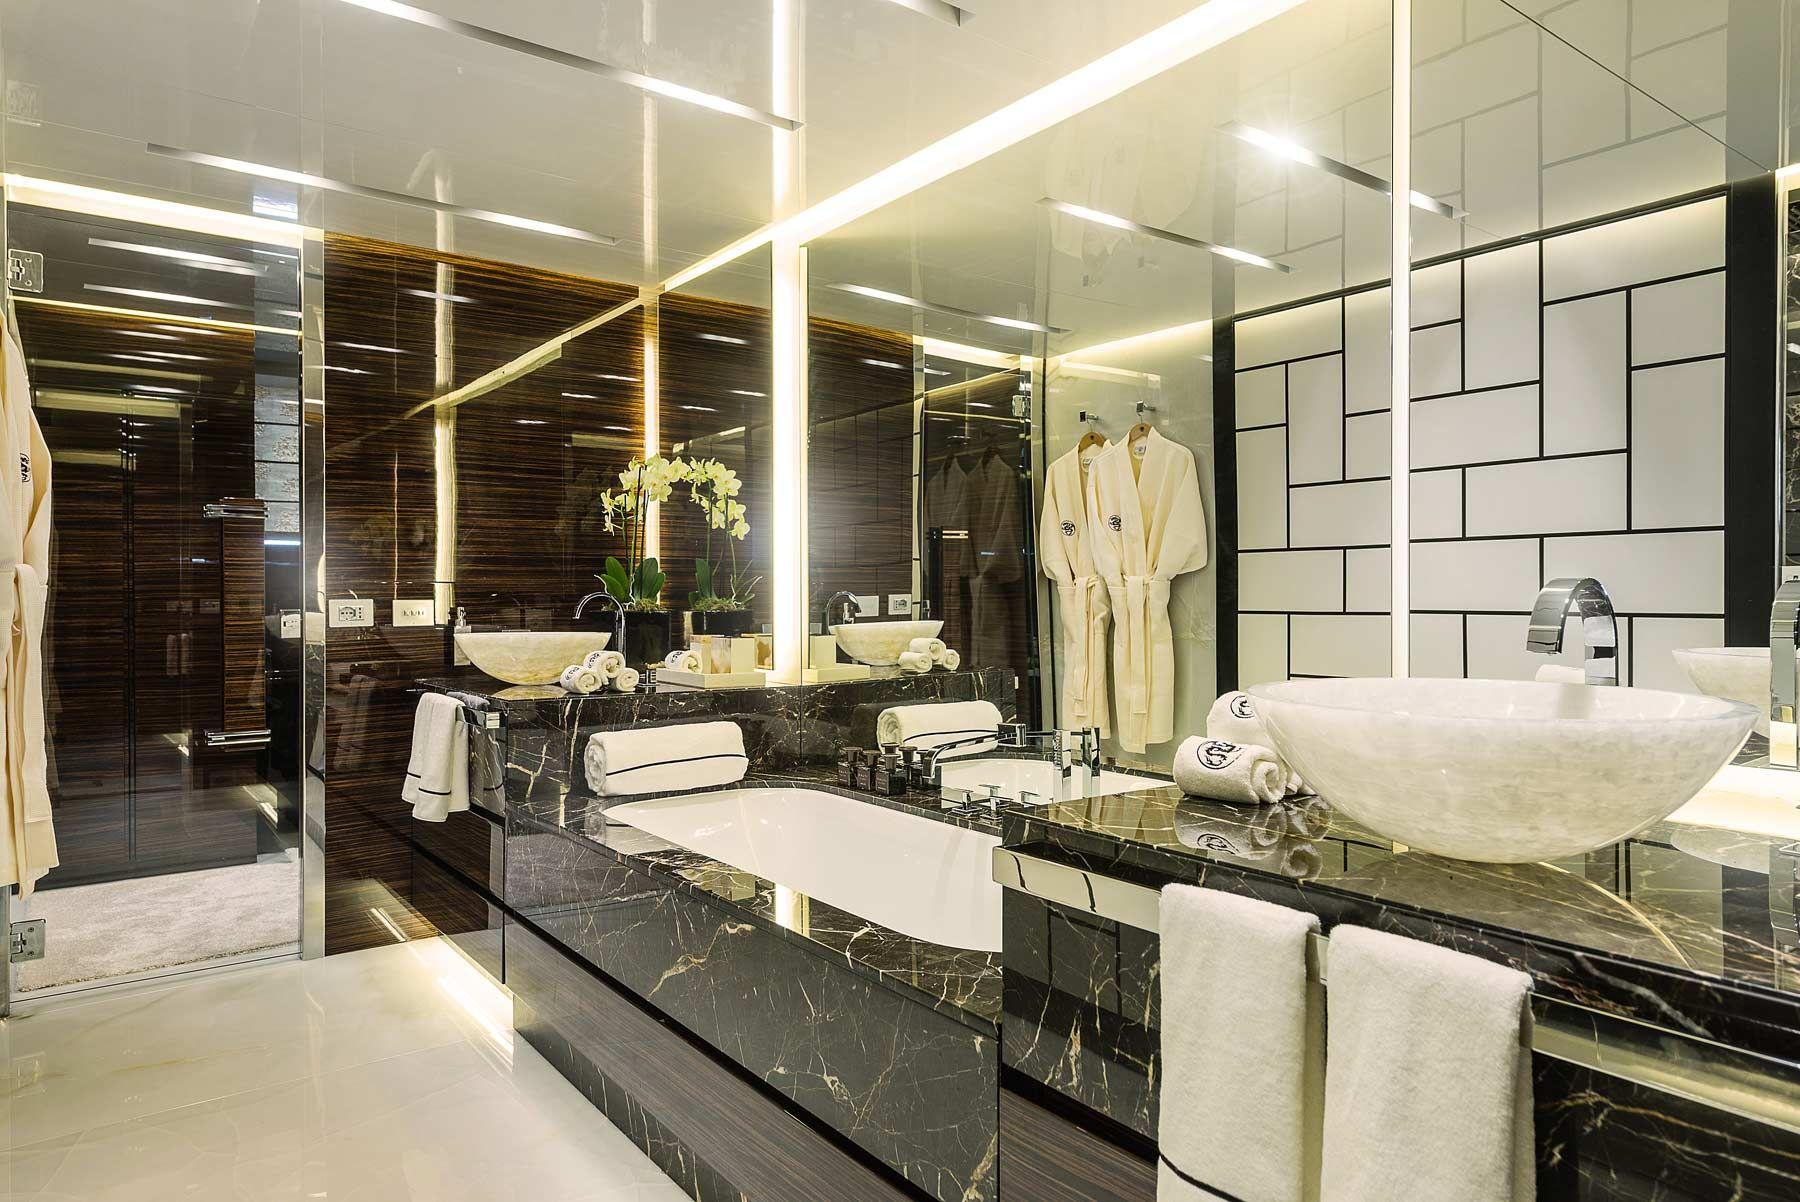 baño de lujo con mármol negro | Amor | Pinterest | Remodelar el baño ...